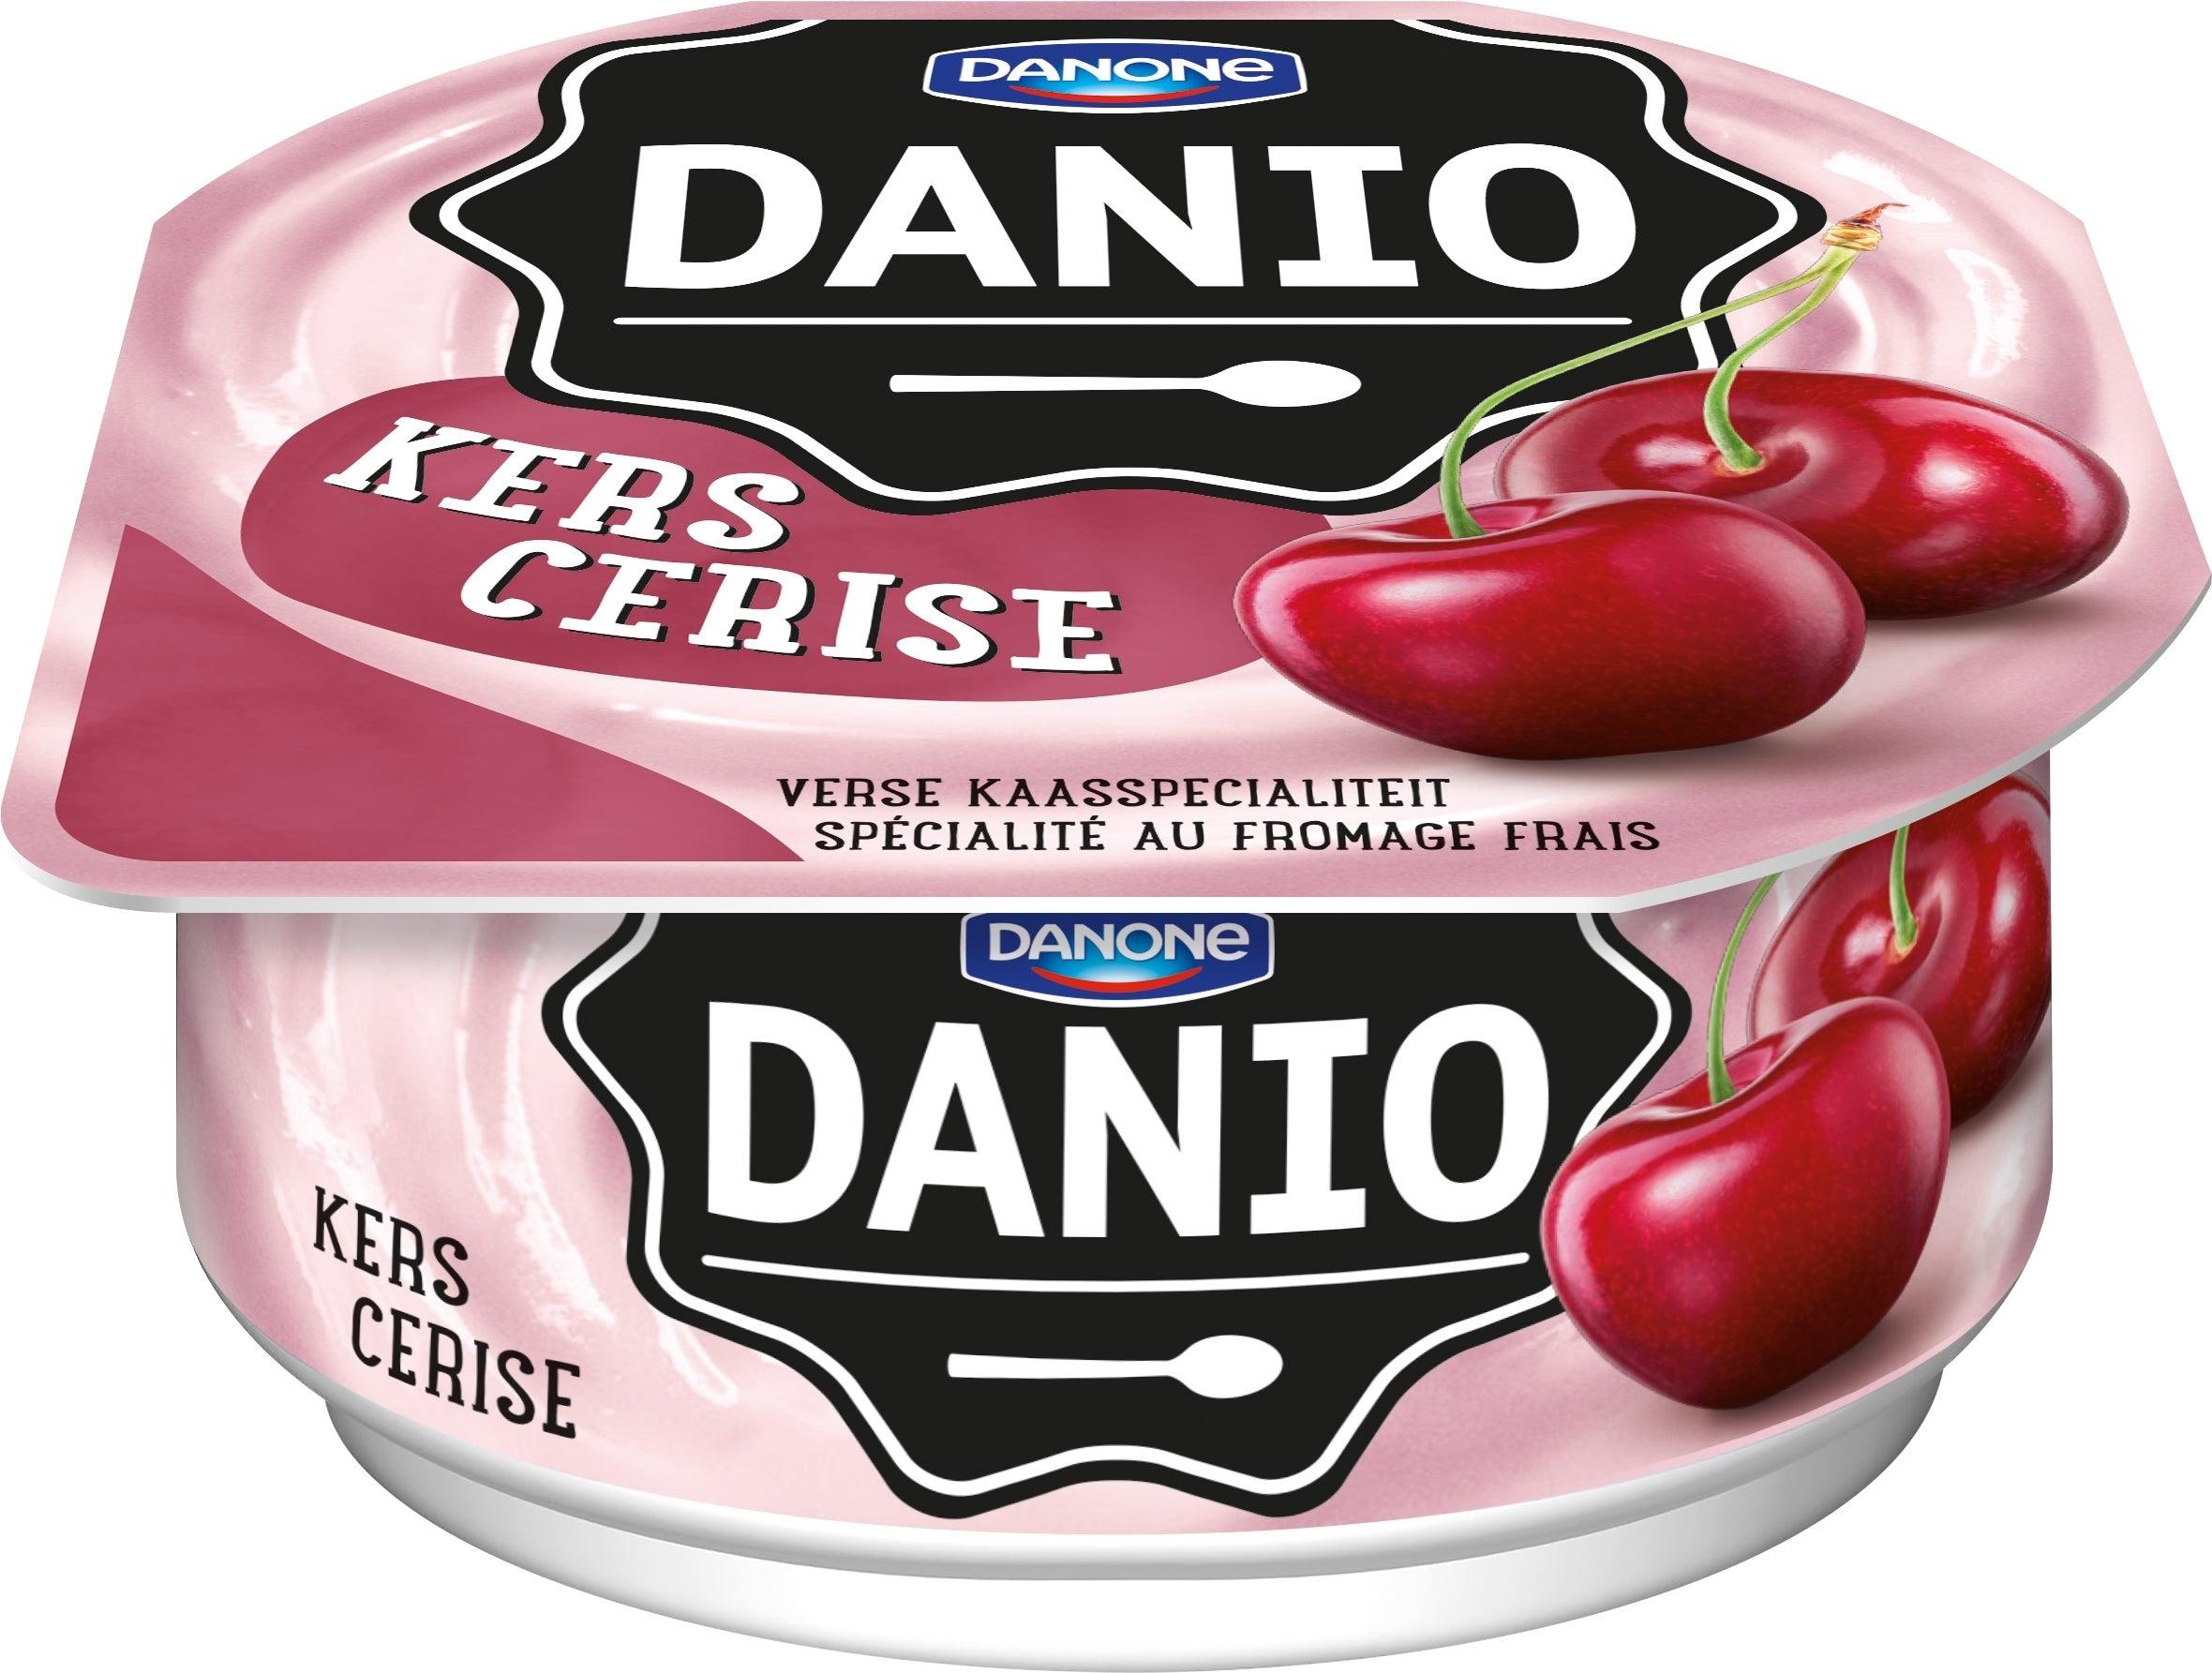 Danio Kers 180g